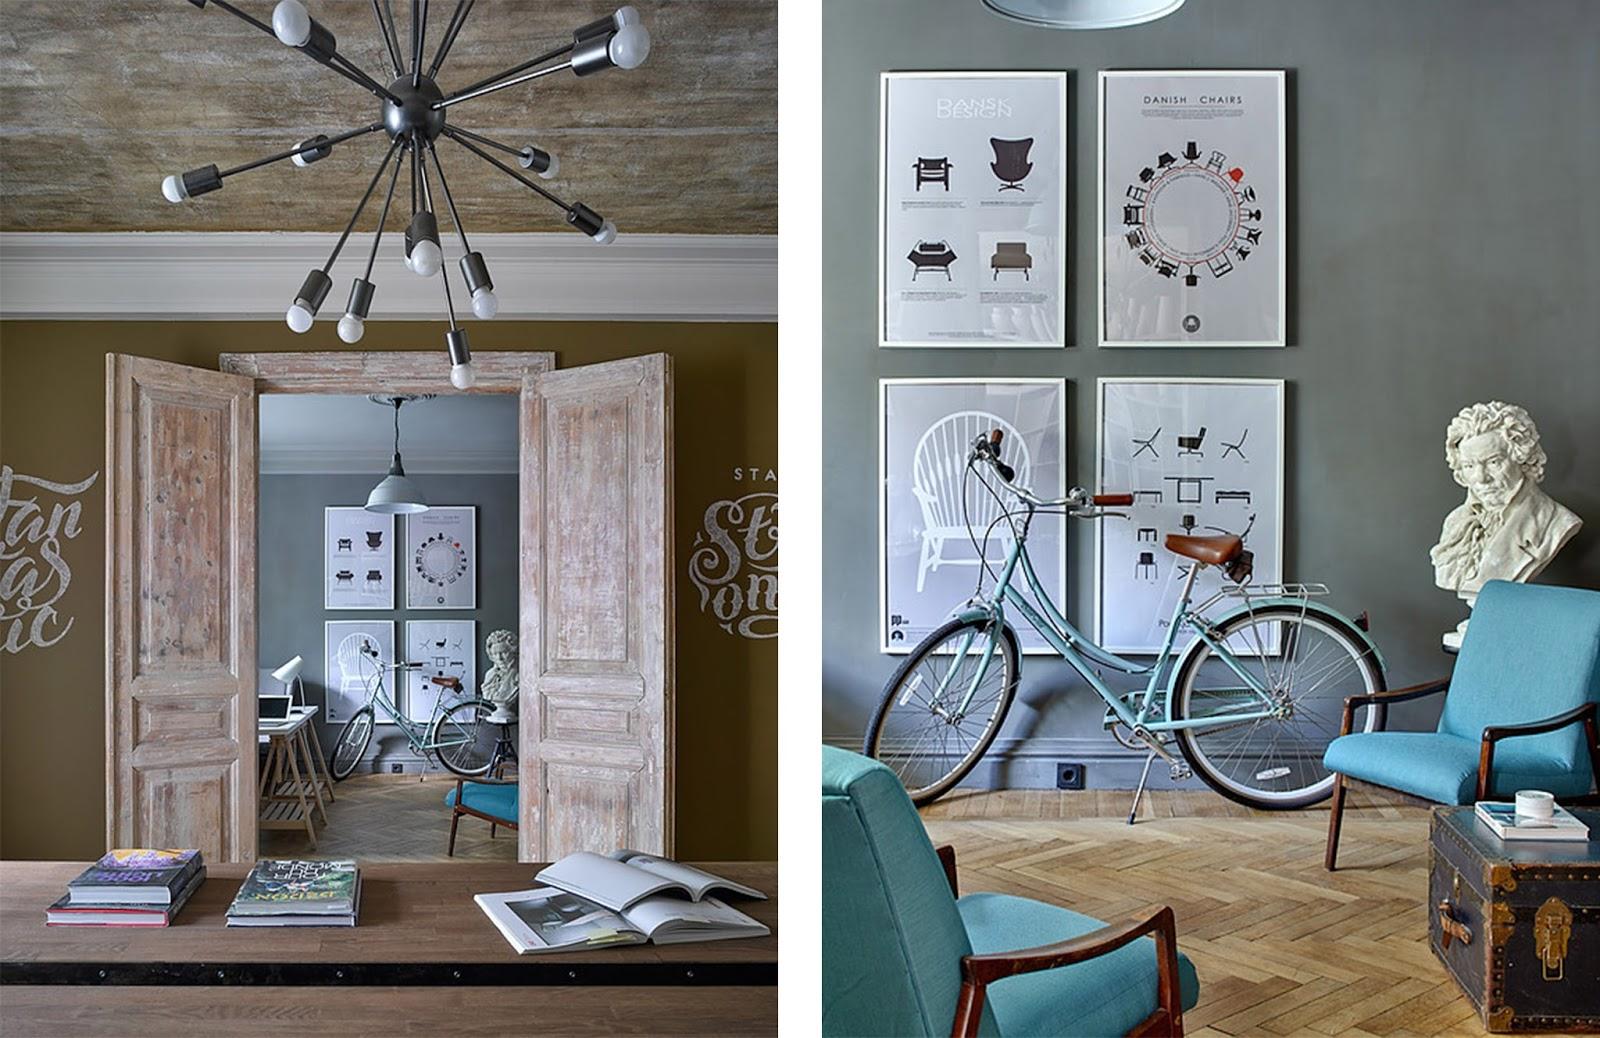 Casa ufficio con opere d 39 arte e arredi vintage by for Arredamento ufficio design